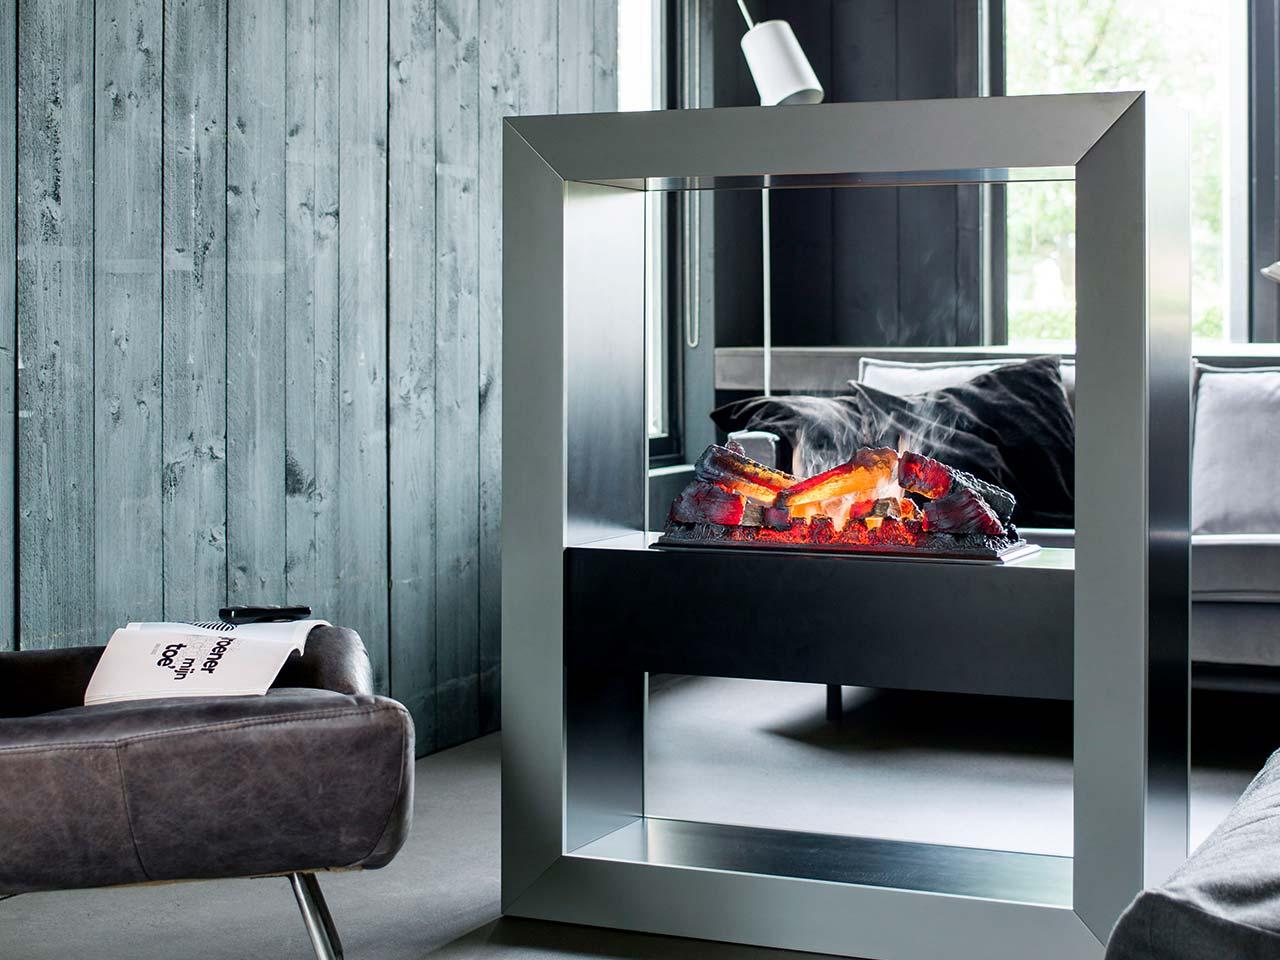 Moderner Edelstahl Elektrokamin Modell Faber Opti Myst Boxx mit schwarzer Feuerbox und Fernbedienung.